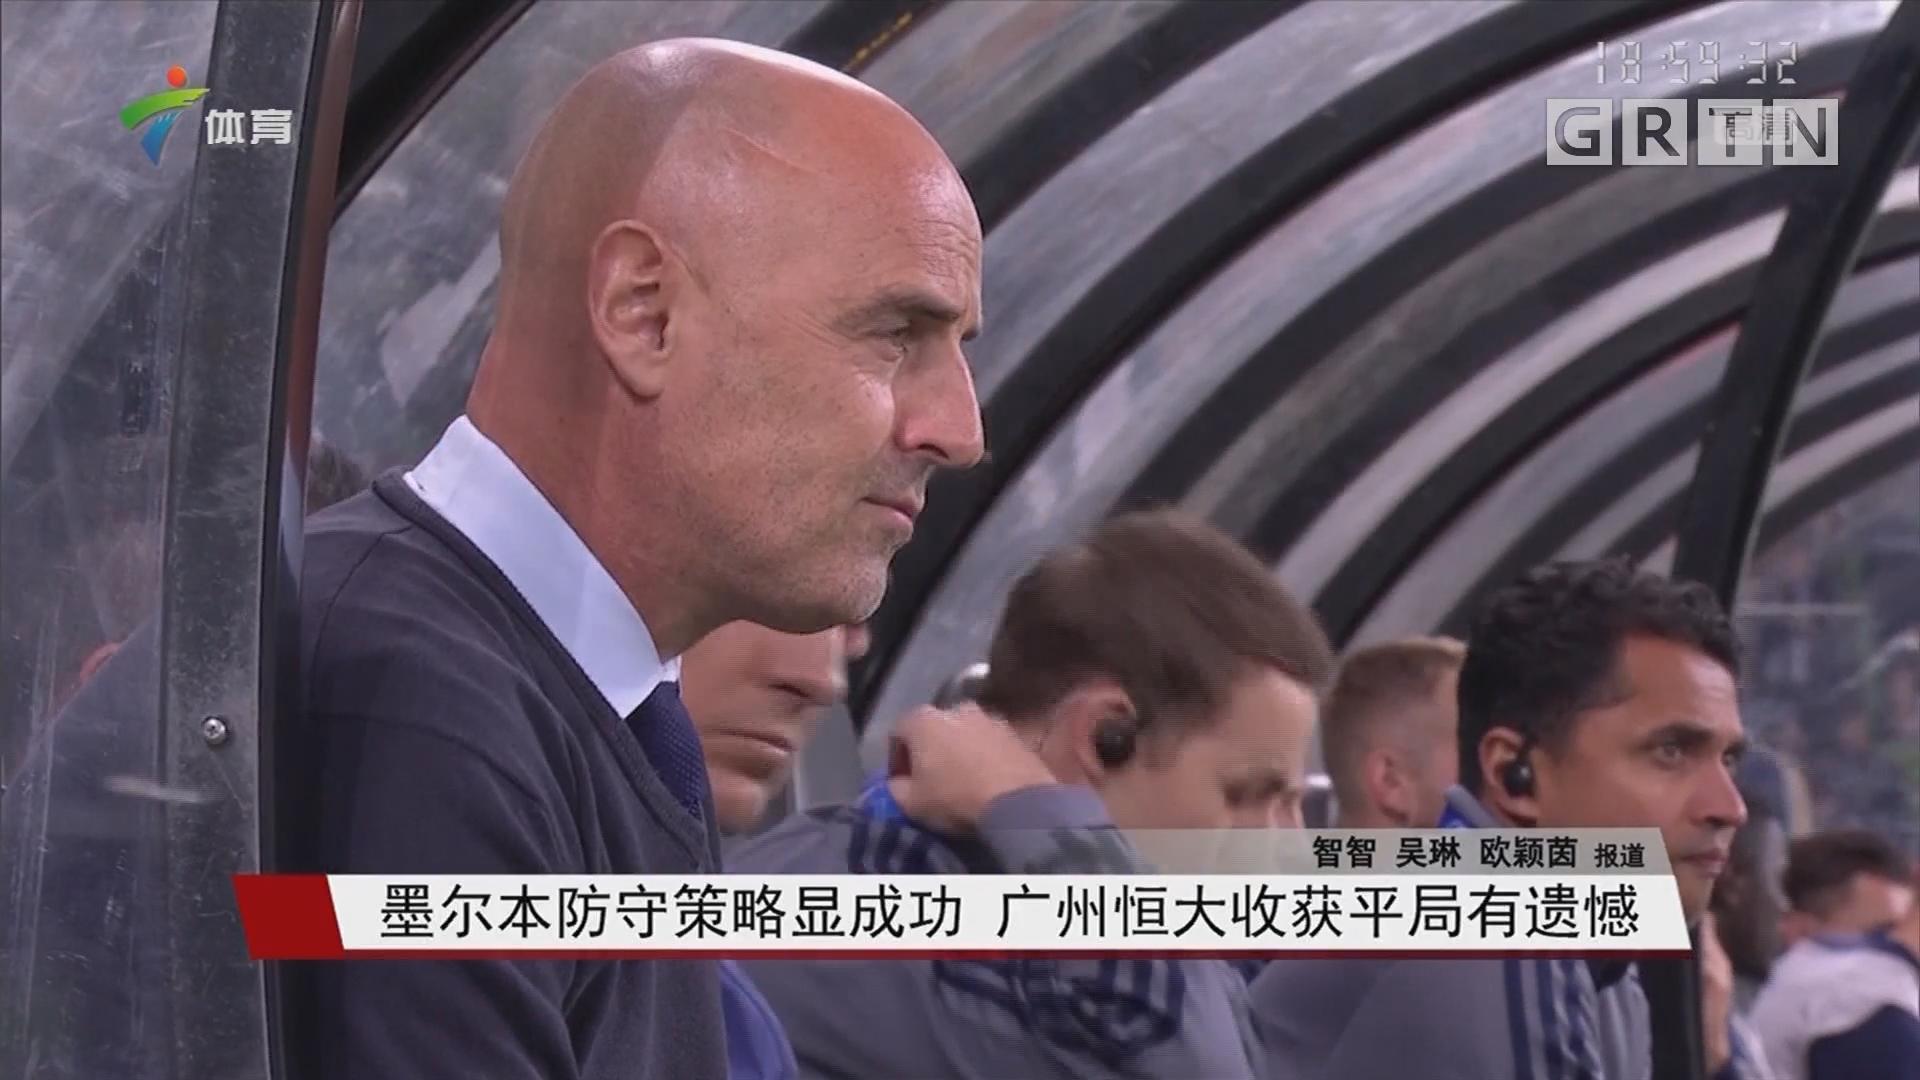 墨尔本防守策略显成功 广州恒大收获平局有遗憾